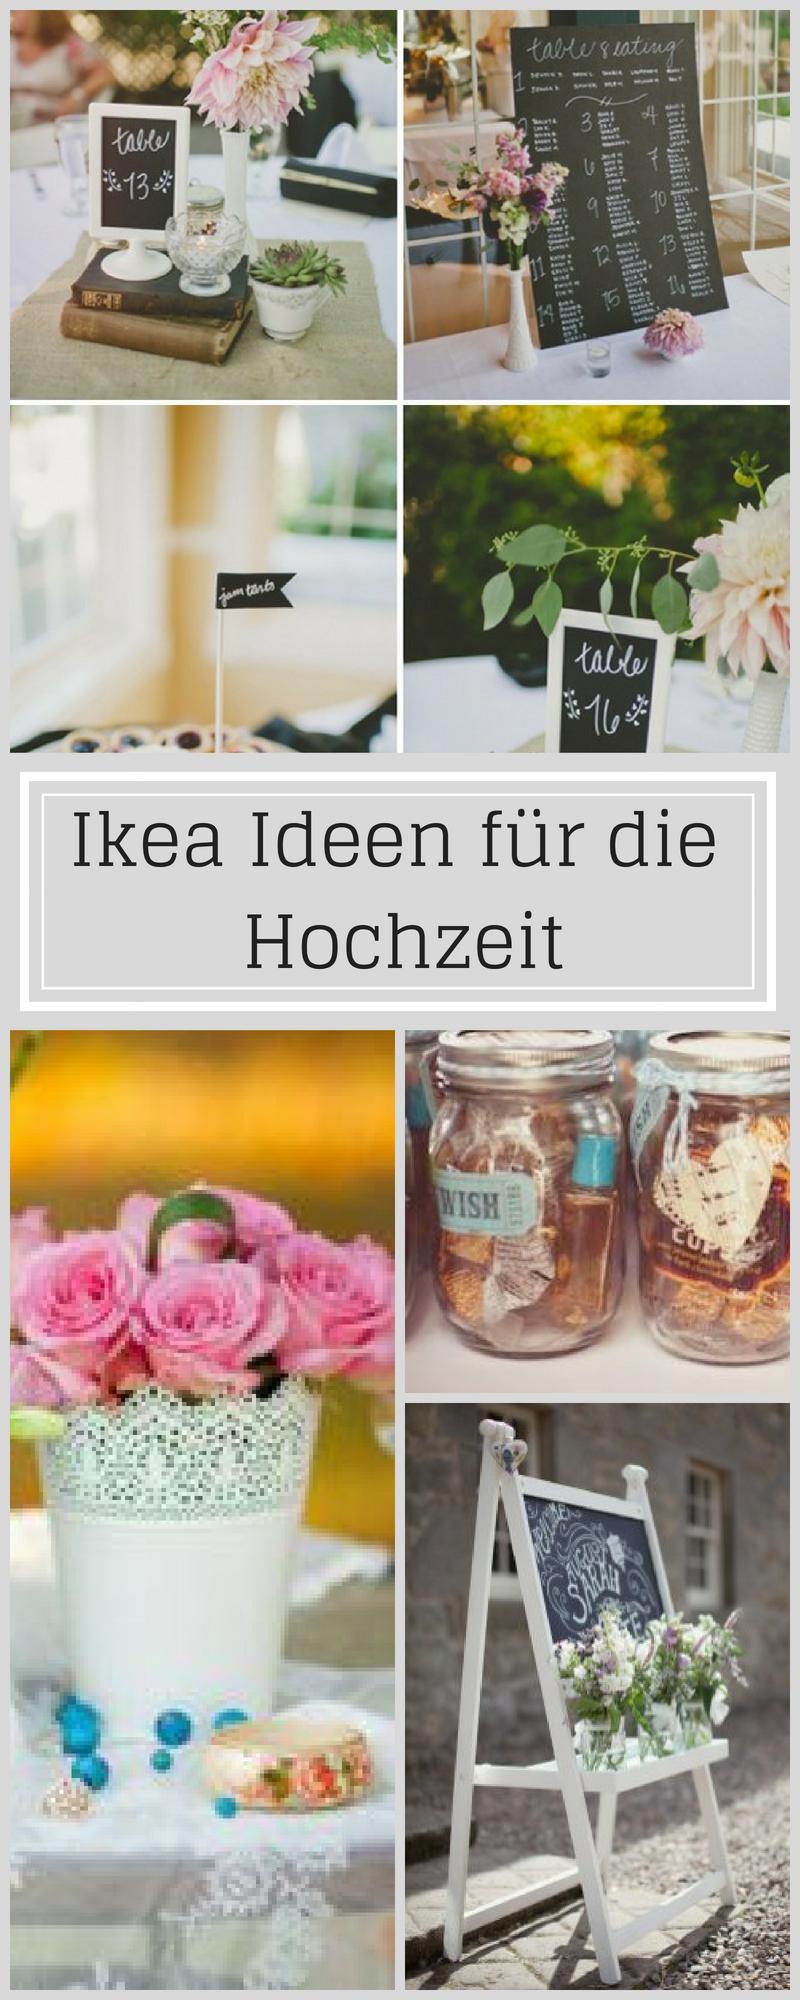 Ideas e inspiraciones de bricolaje para la boda de Ikea